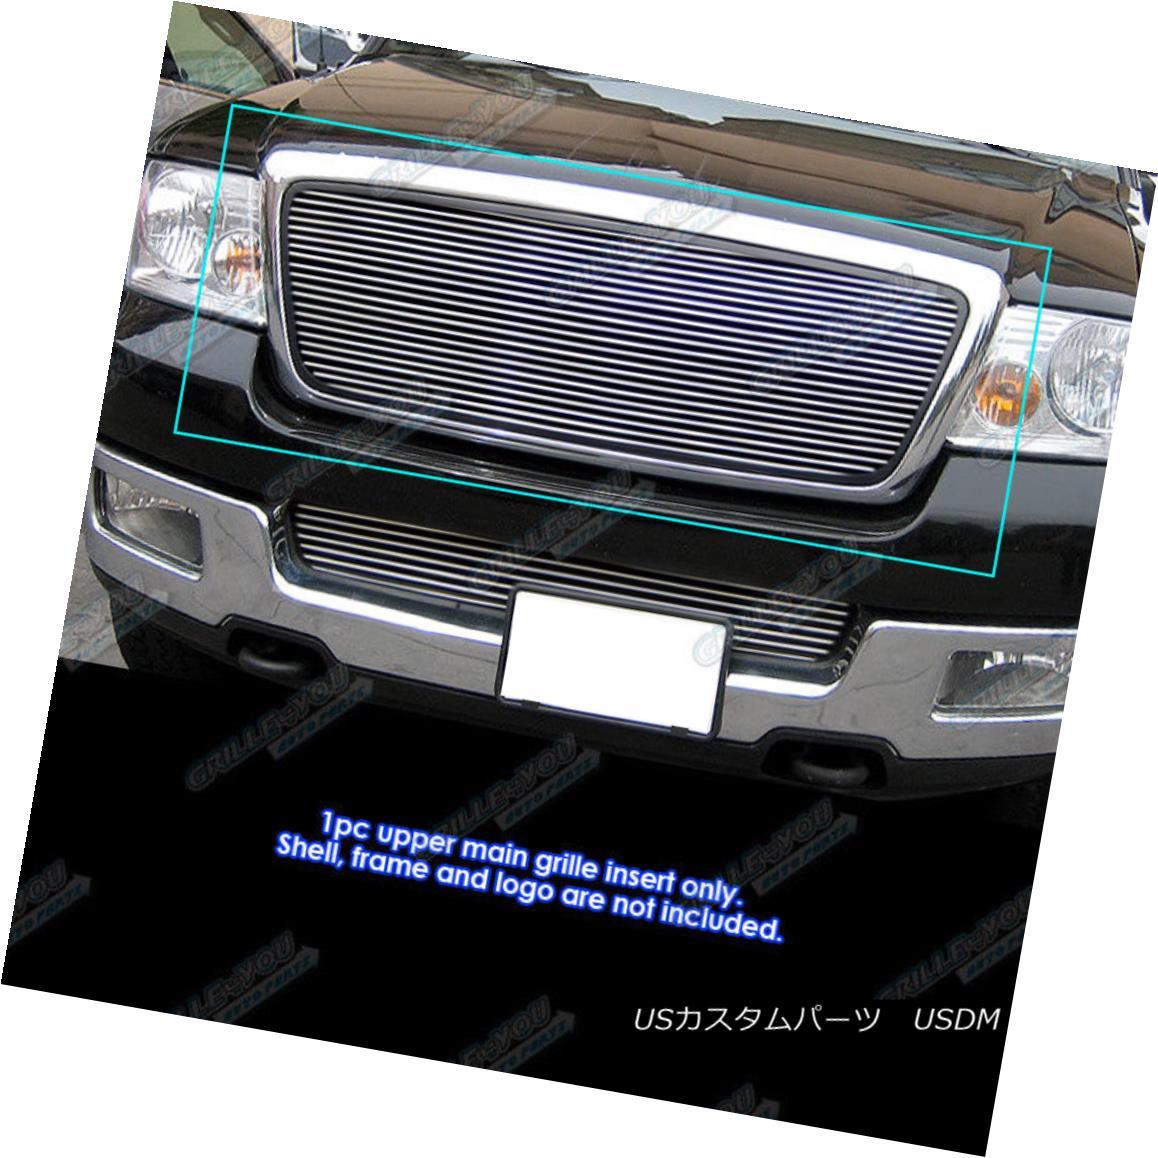 グリル Fits 2004-2008 Ford F-150 Main Upper Billet Grille Insert 2004-2008 Ford F-150メインアッパービレットグリルインサート